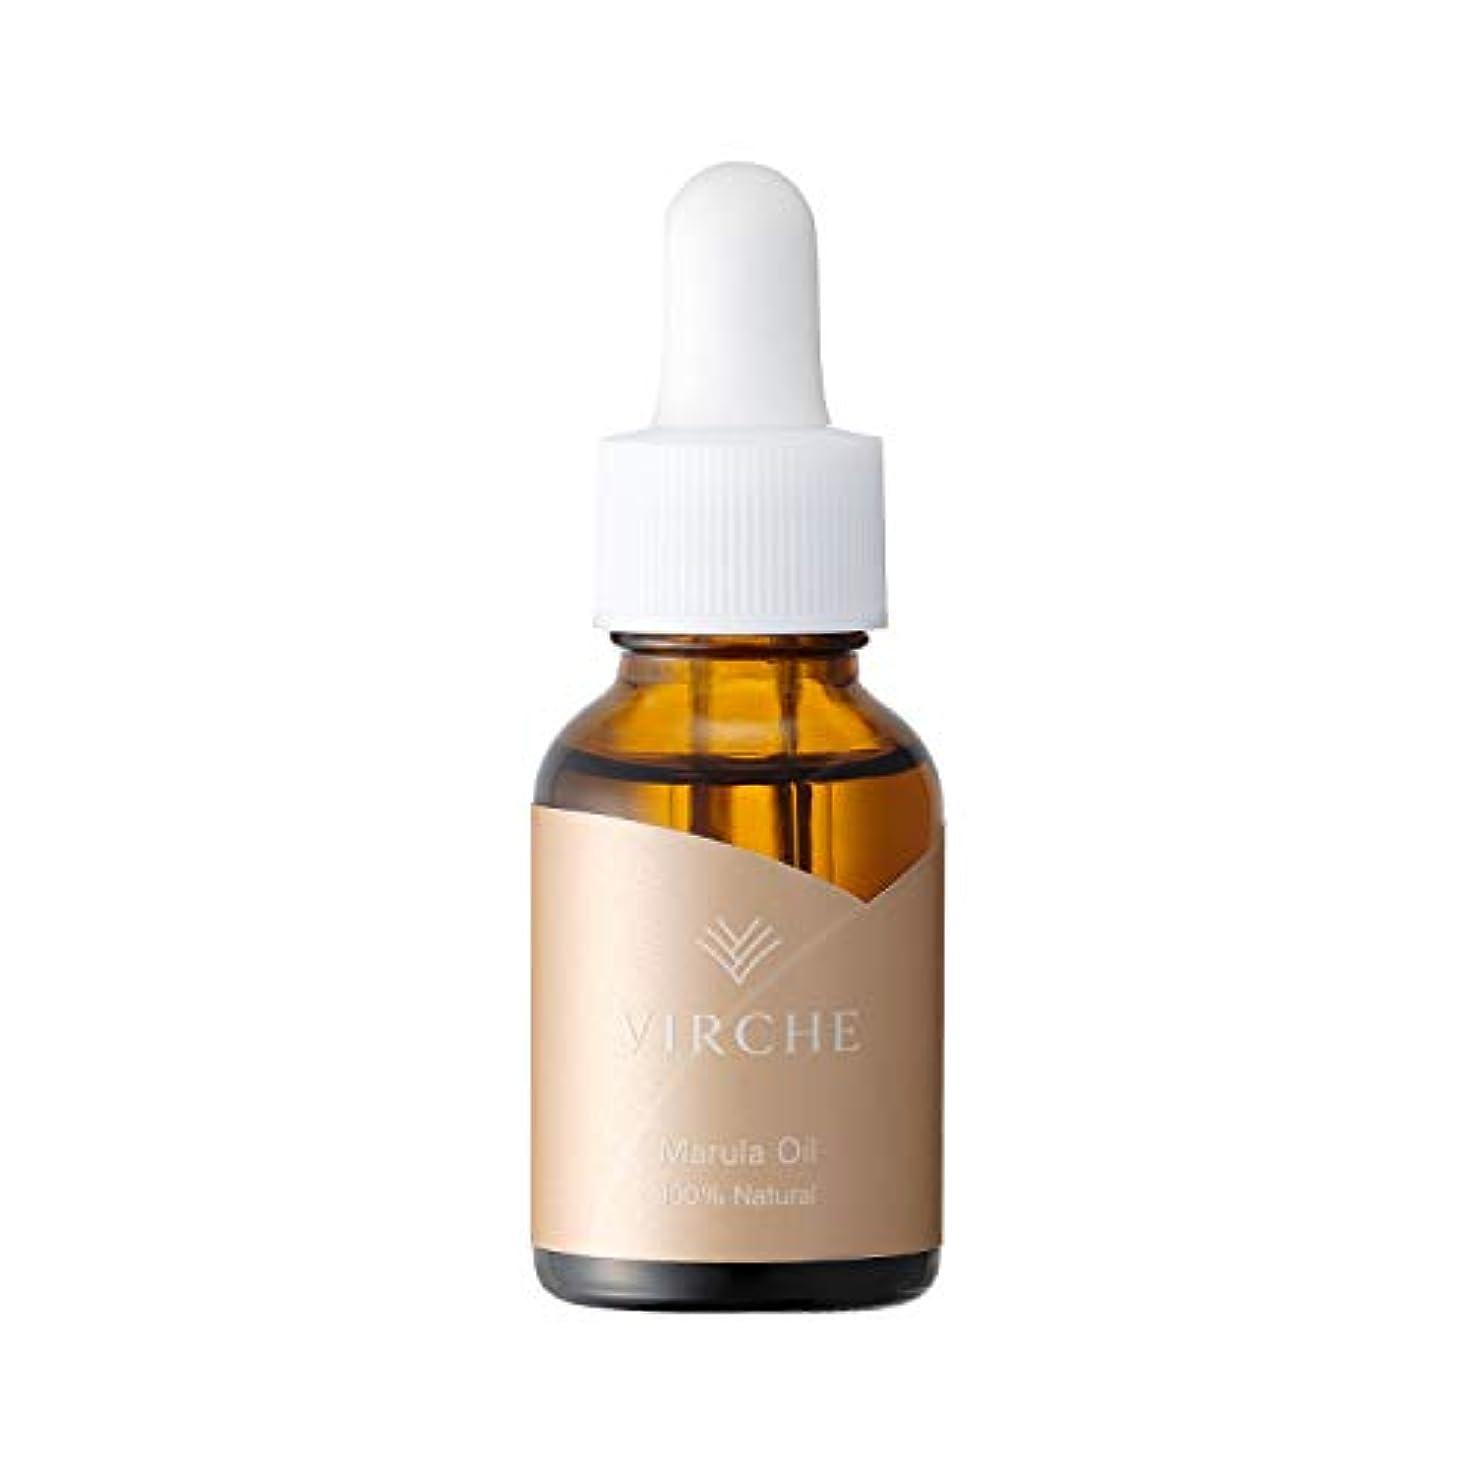 台風障害者剣マルラオイル(Marula Oil)国内で品質管理/無香料/防腐剤、香料、着色料すべて無添加の美容オイル/18ml(髪など全身に使えて約30日分)